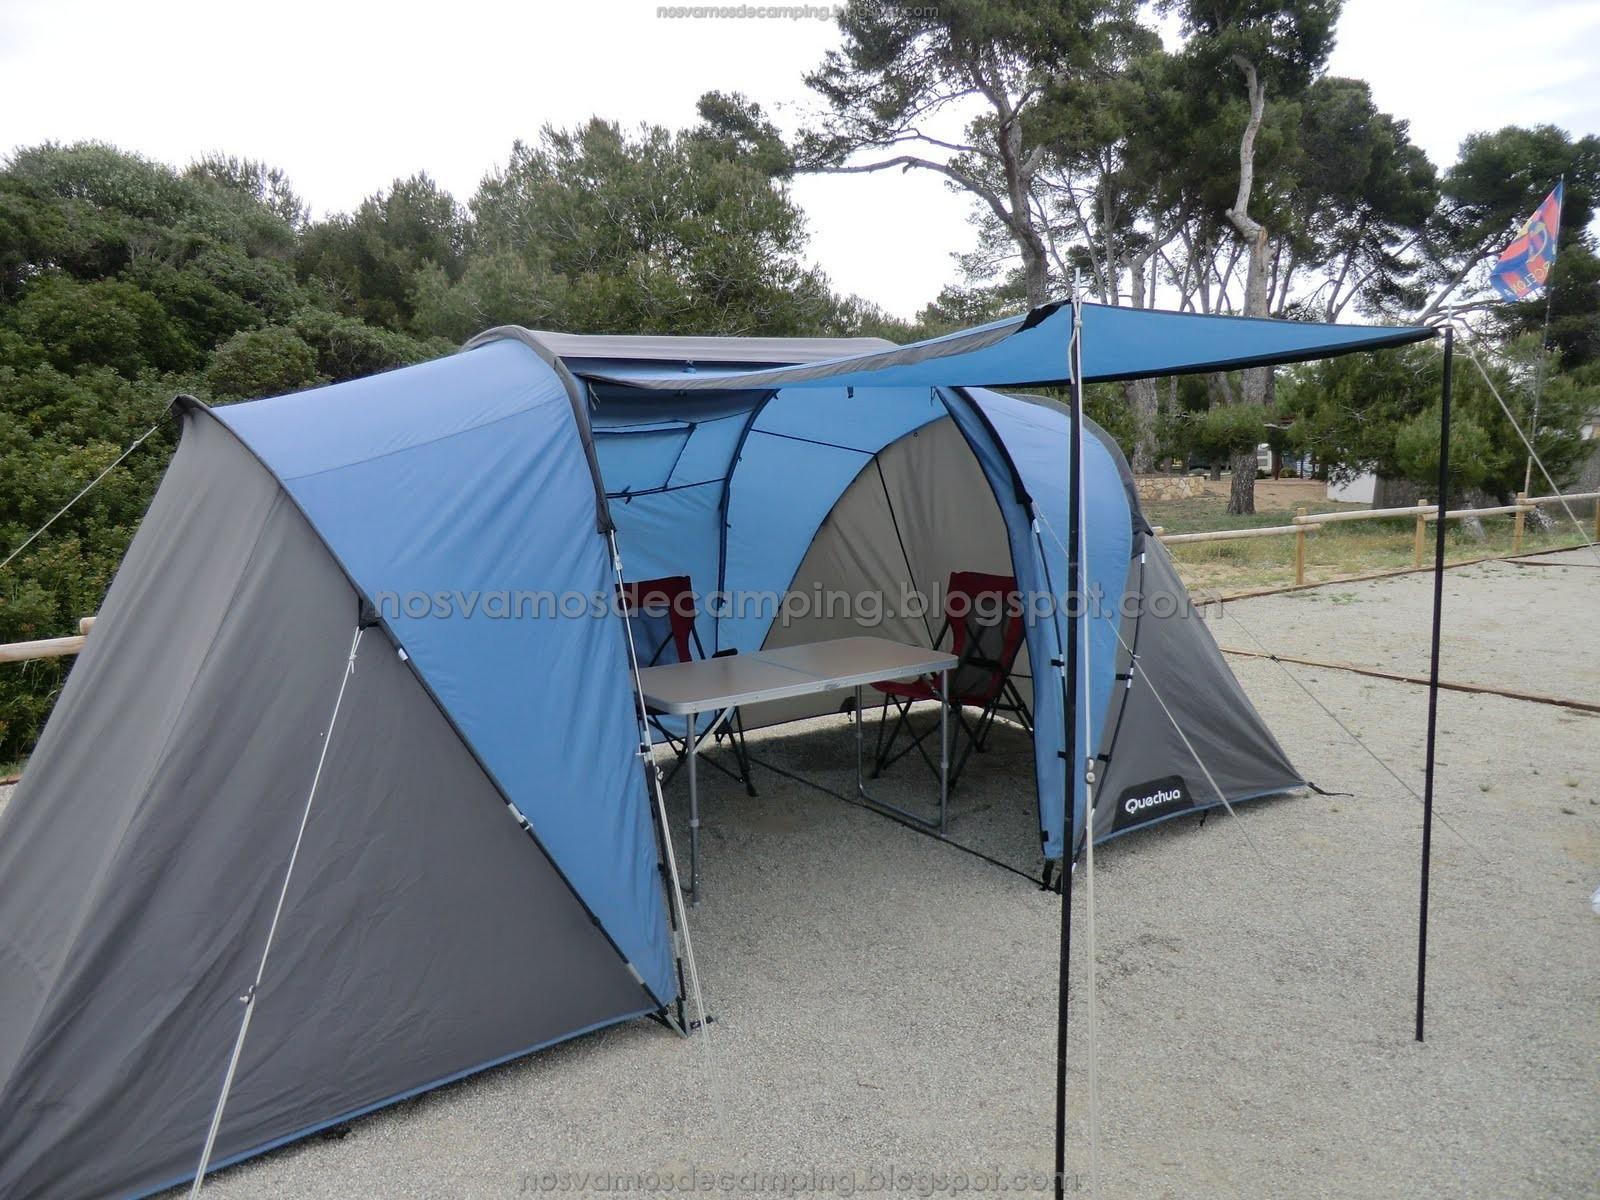 Nos Vamos De Camping Mayo 2011